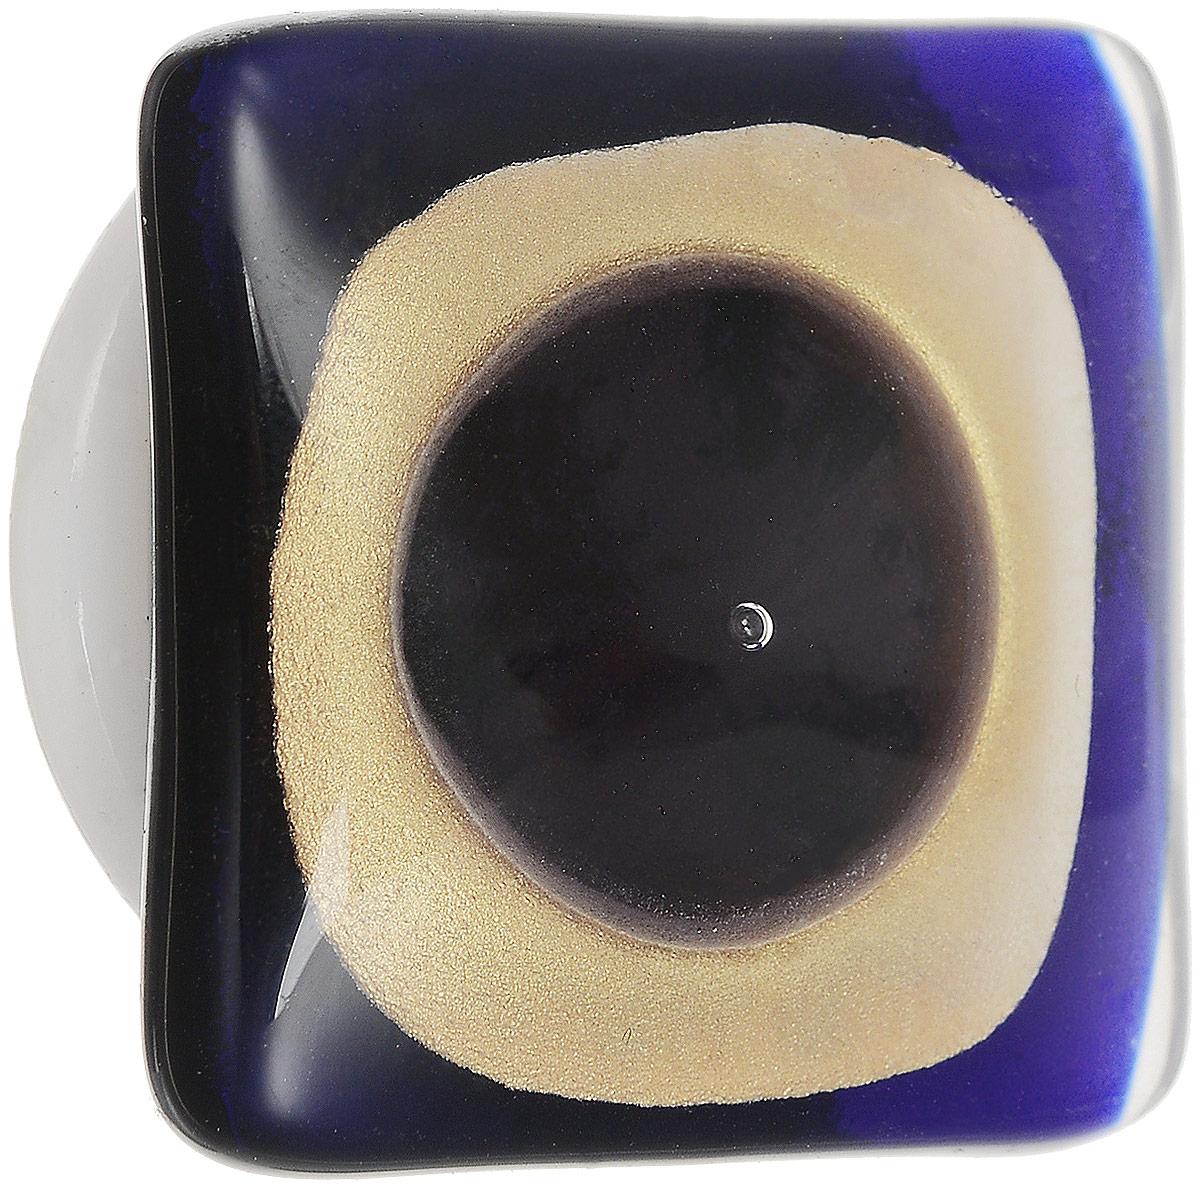 Брошь Сотворение мира. Муранское стекло, магнит, ручная работа. Murano, Италия (Венеция)30028130Брошь Сотворение мира. Муранское стекло, магнит, ручная работа. Murano, Италия (Венеция). Размер - 3 х 3 см. Тип крепления - магнит. Брошь можно носить на одежде, шляпе, рюкзаке или сумке. Каждое изделие из муранского стекла уникально и может незначительно отличаться от того, что вы видите на фотографии.